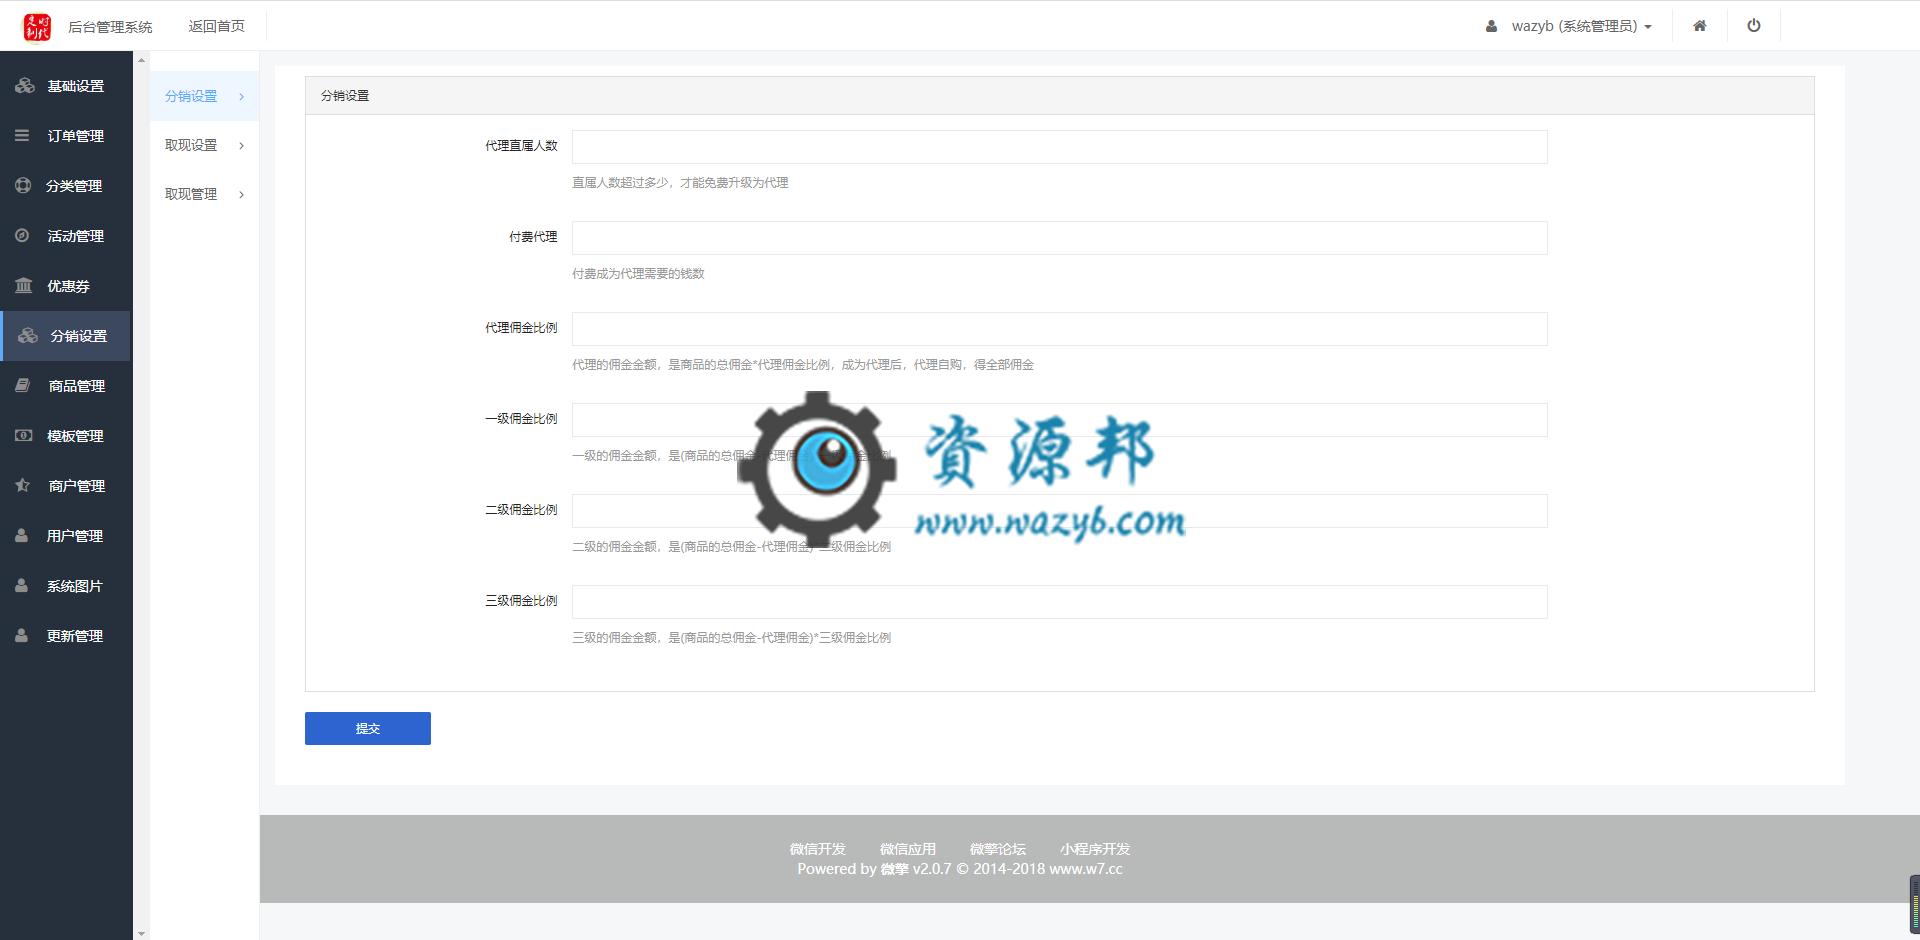 【微信小程序】江小白服饰贴图定制小程序V1.2.2安装包+小程序前端,增加了商品搜索功能 小程序源码 第5张